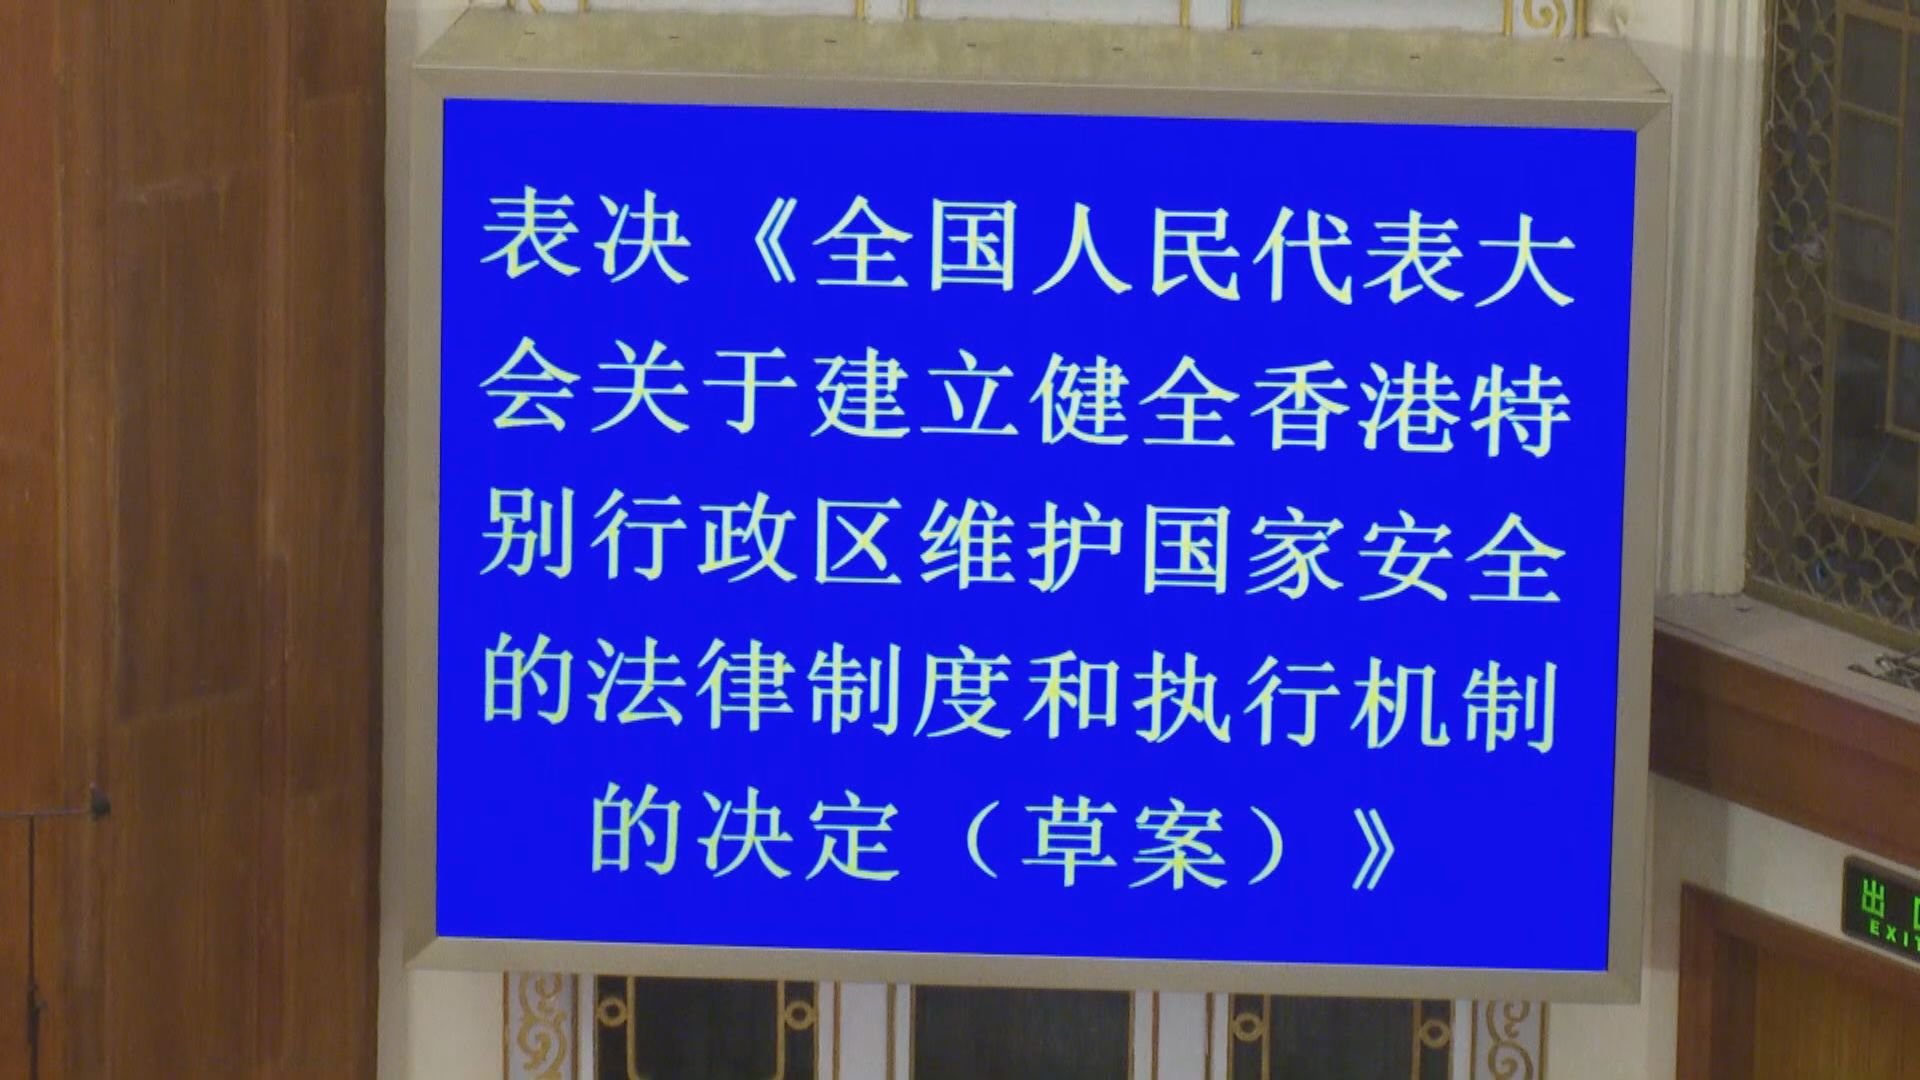 張建宗:港區國安法令香港重回正軌重新出發